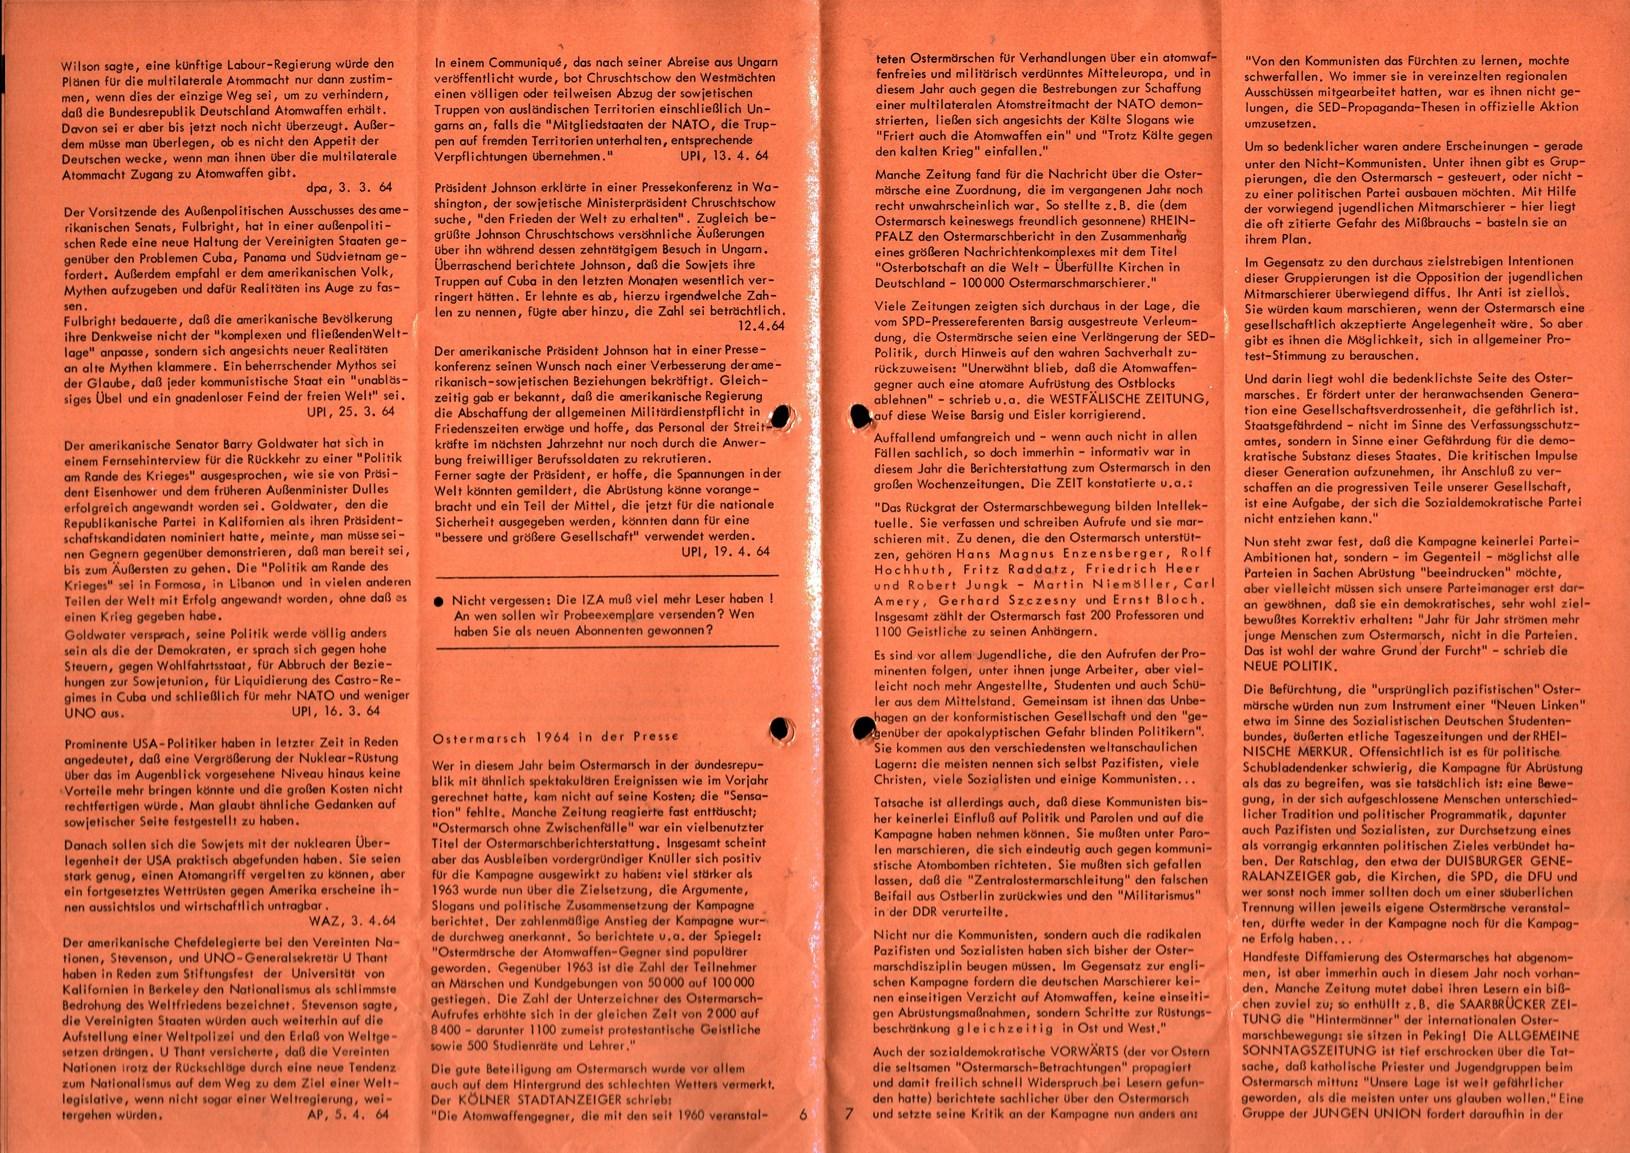 Infos_zur_Abruestung_1964_010_011_004